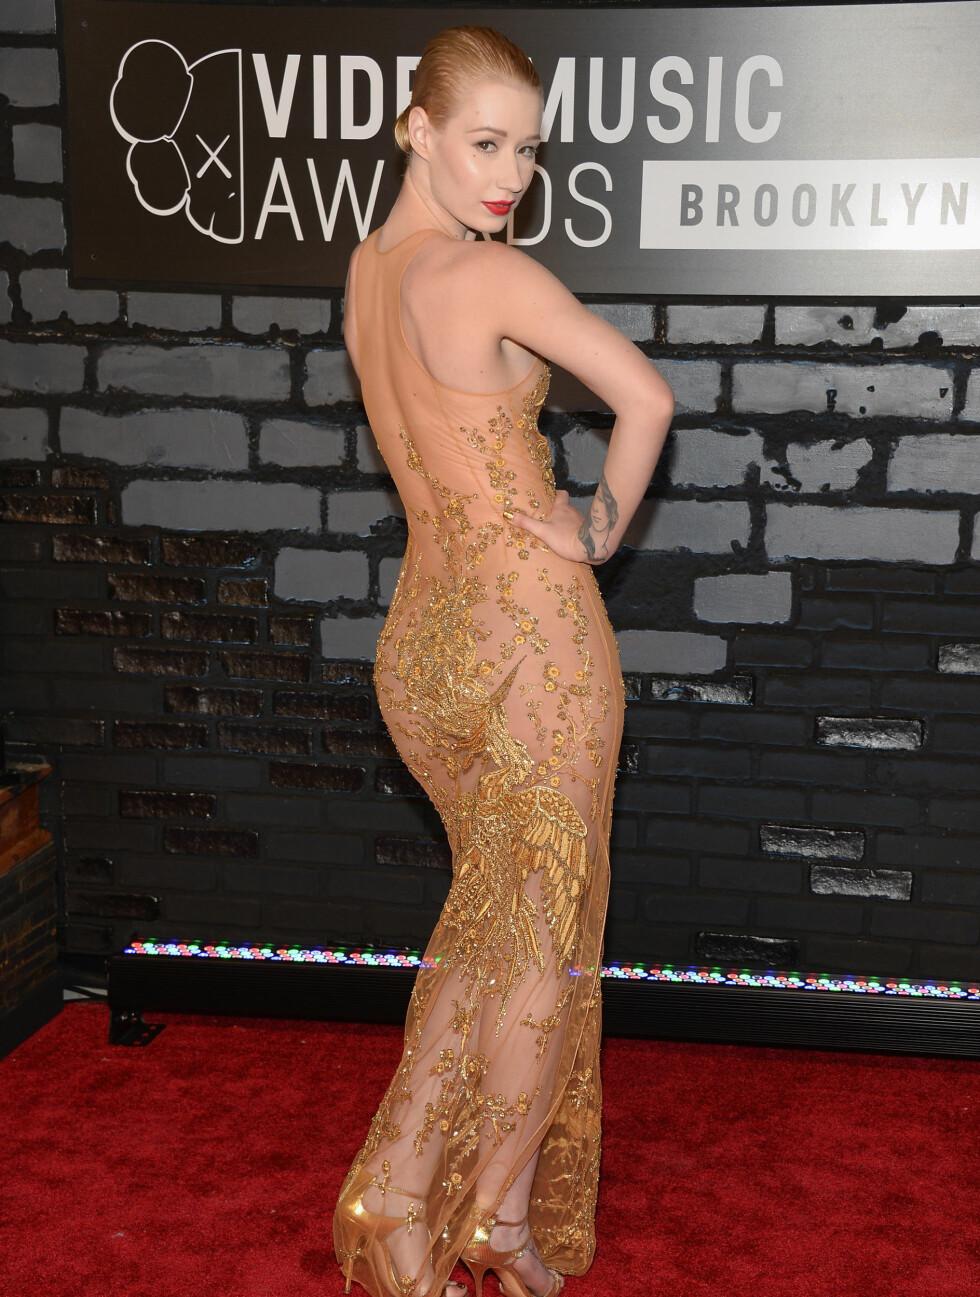 MTV MUSIC VIDEO AWARDS 2013: Den australske artisten Iggy Azaleas transparante kjole viste mye kropp og hud. Foto: Getty Images for MTV/Getty Images/All Over Press